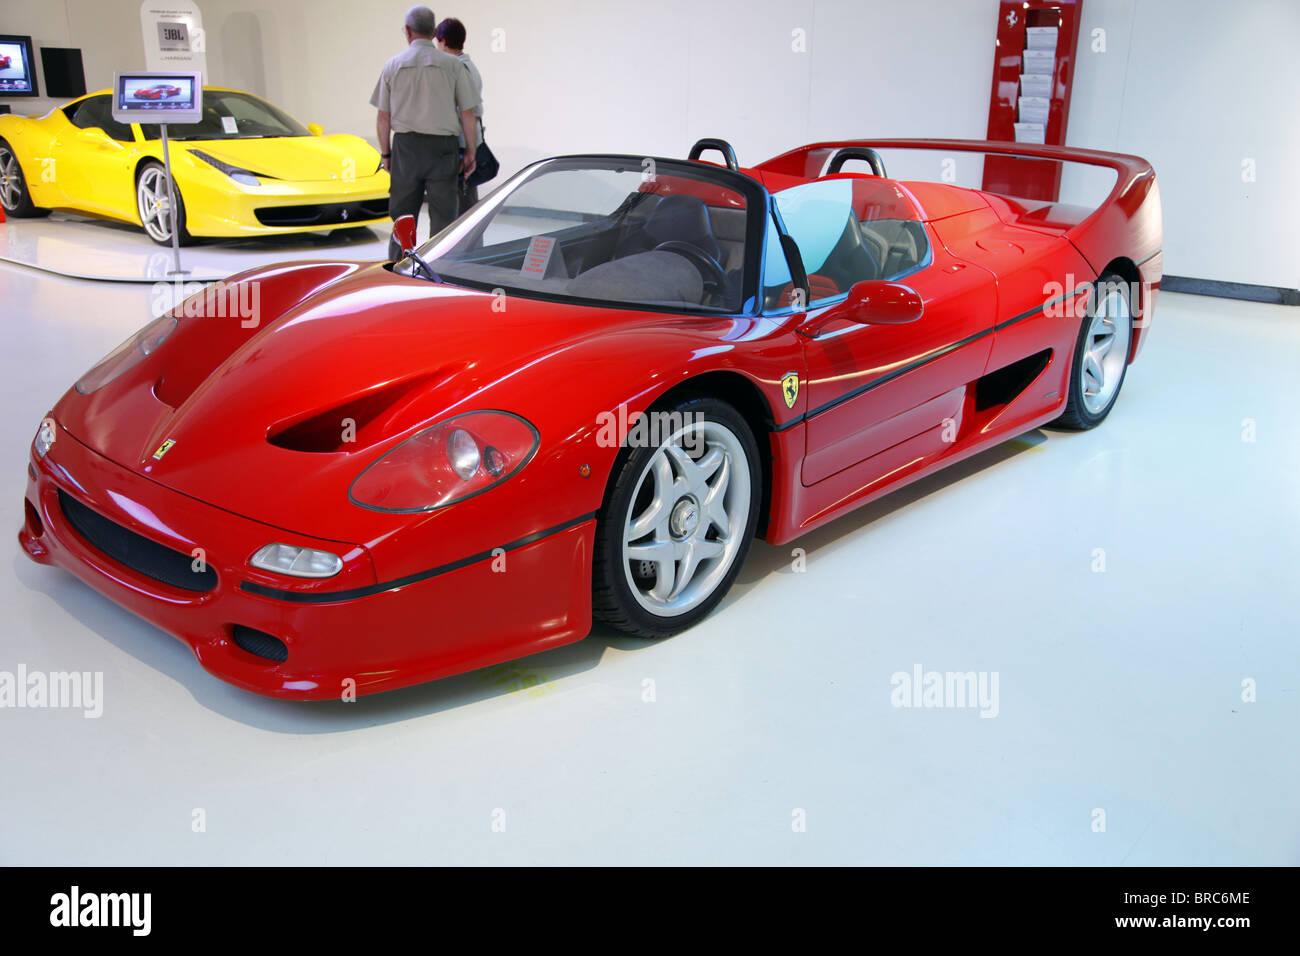 Ferrari f50 stock photos ferrari f50 stock images alamy red ferrari f50 1995 galleria museum maranello italy galleria museum 07 september 2010 stock image vanachro Choice Image